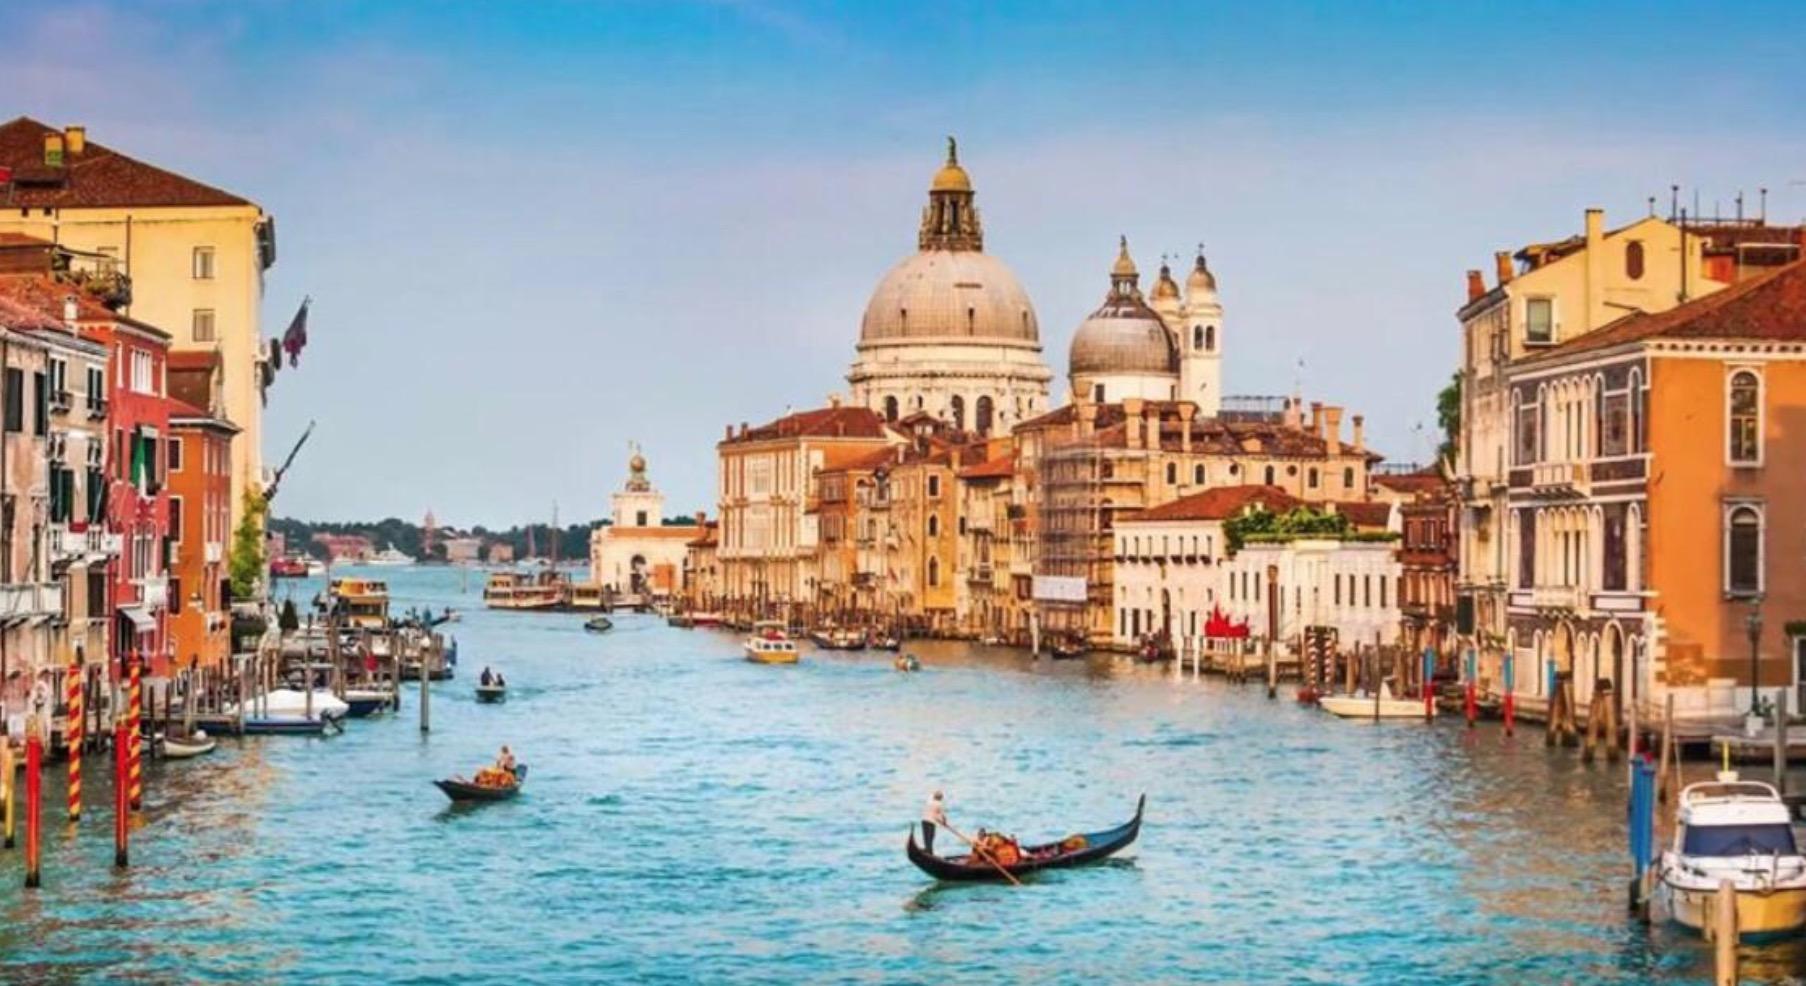 Ein wunderbarer Text von einer in Venedig eingesperrten Person